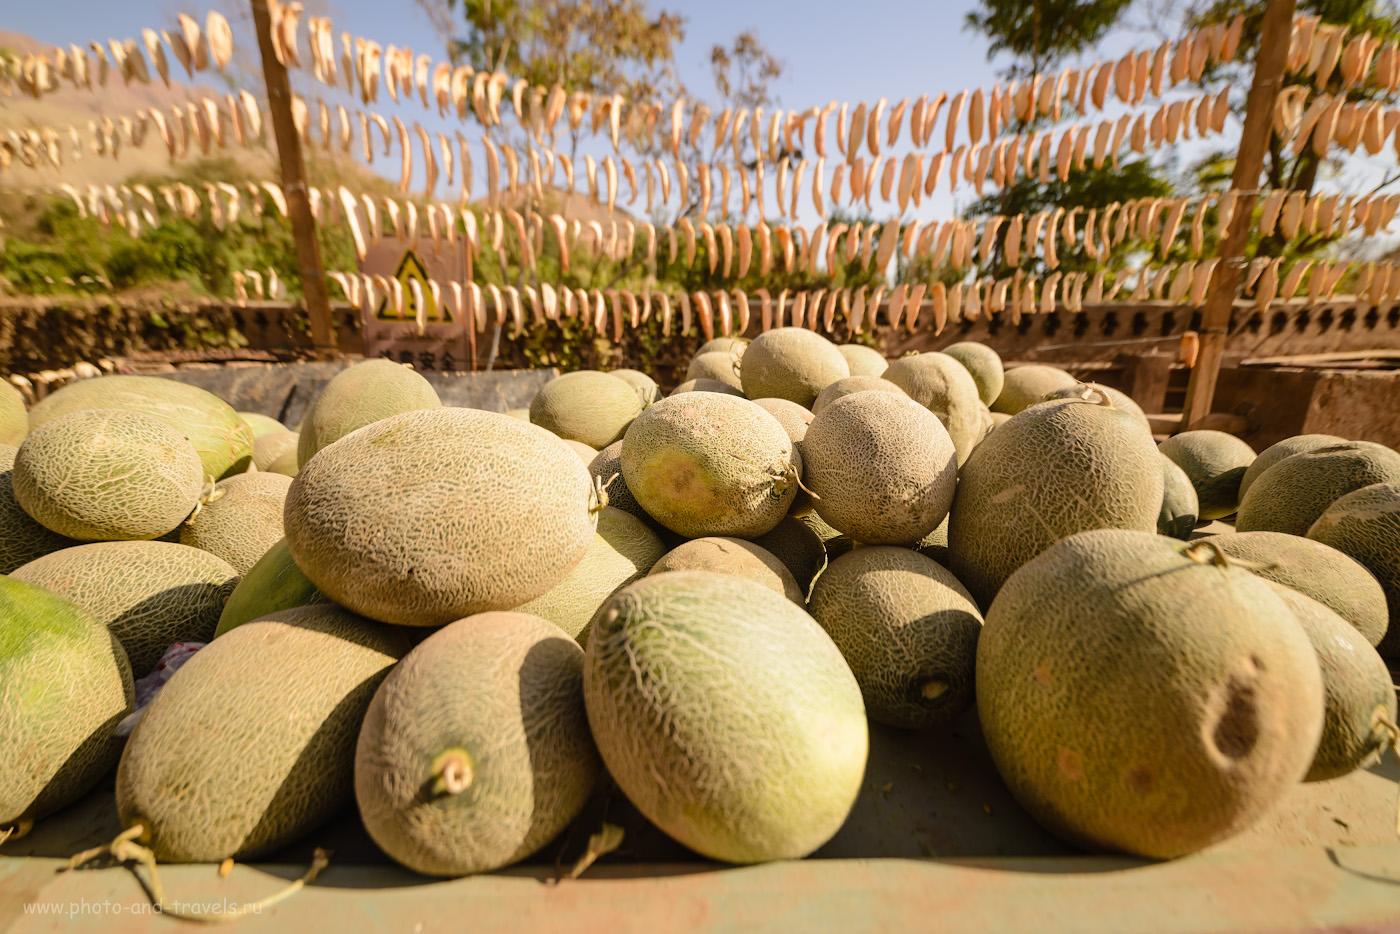 Фото 24. В Турфане не только виноград, но и дыни хорошо растут. Можно отведать и свежие и сушеные. Камера Nikon D610, объектив Samyang 14mm f/2.8. Параметры съемки: 1/1250, 2.8, 100, 14.